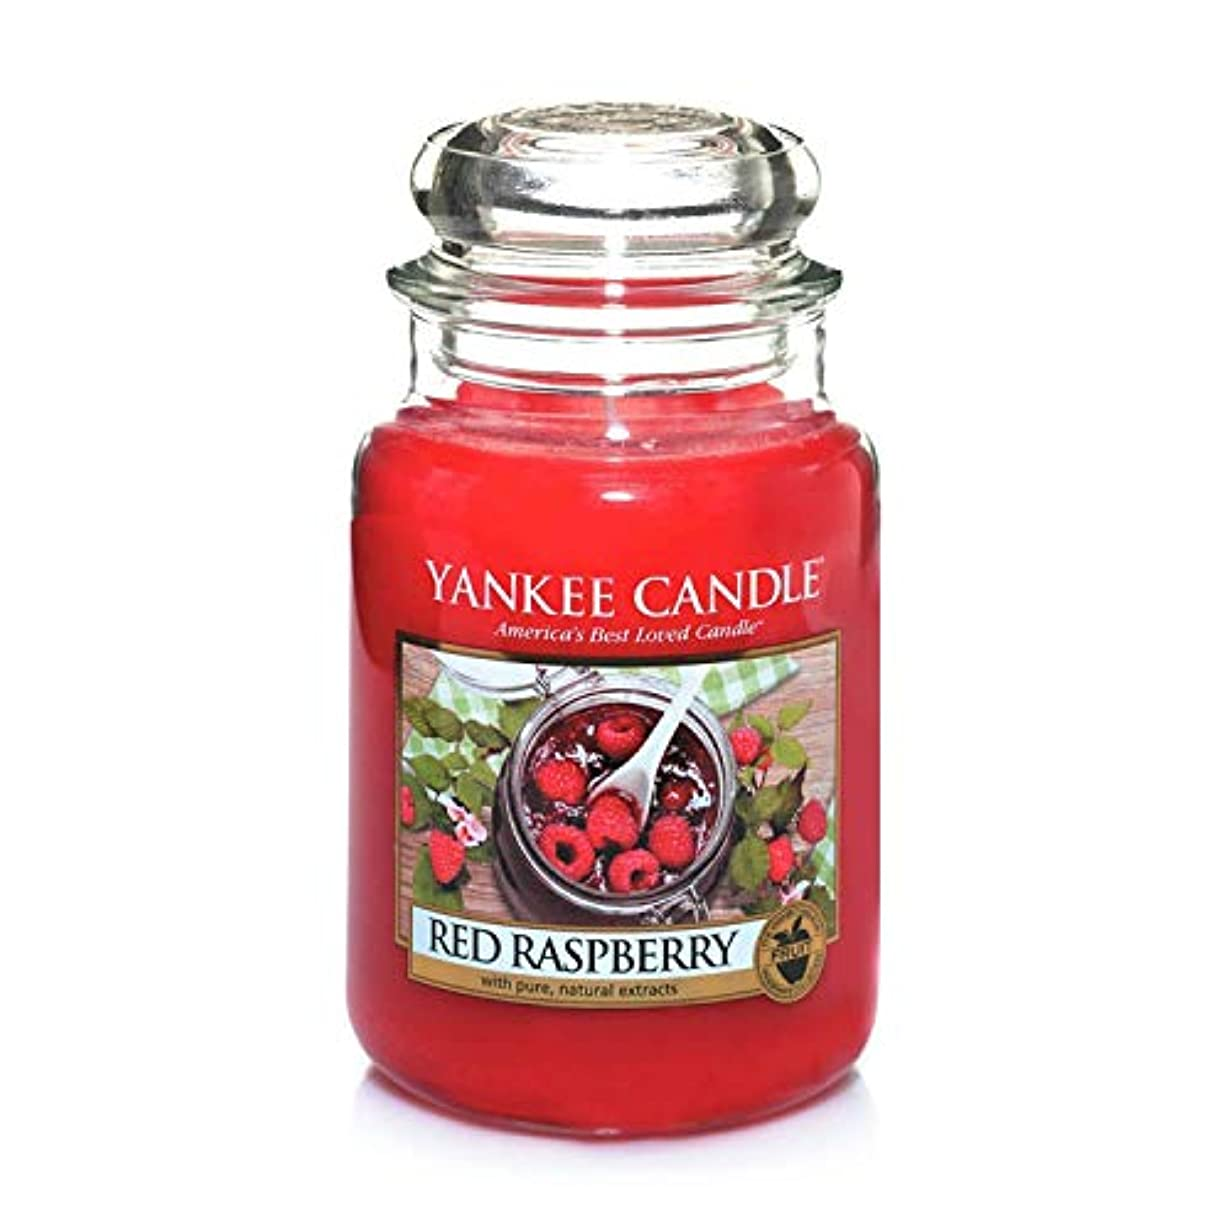 ビジネス著名な可愛いACAO エッセンシャルオイルアロマキャンドル、大きなガラスの瓶キャンドルソイワックスキャンドル古典的なスタイル (色 : Red raspberry)